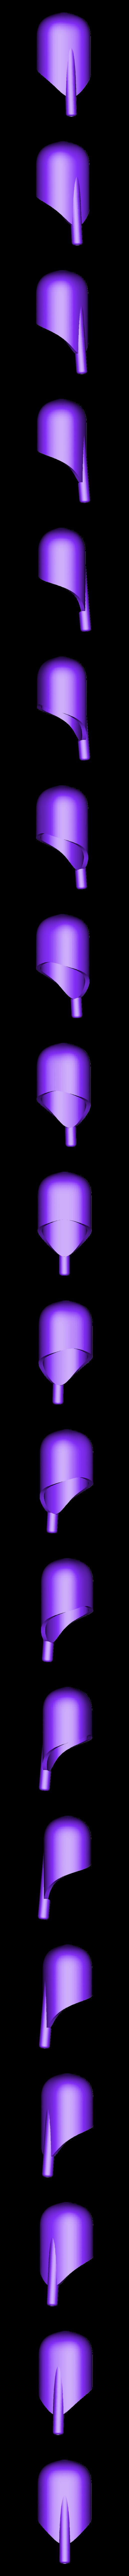 thimble3.stl Télécharger fichier STL gratuit Kara Kesh (arme de poing goa'uld) • Plan pour imprimante 3D, poblocki1982